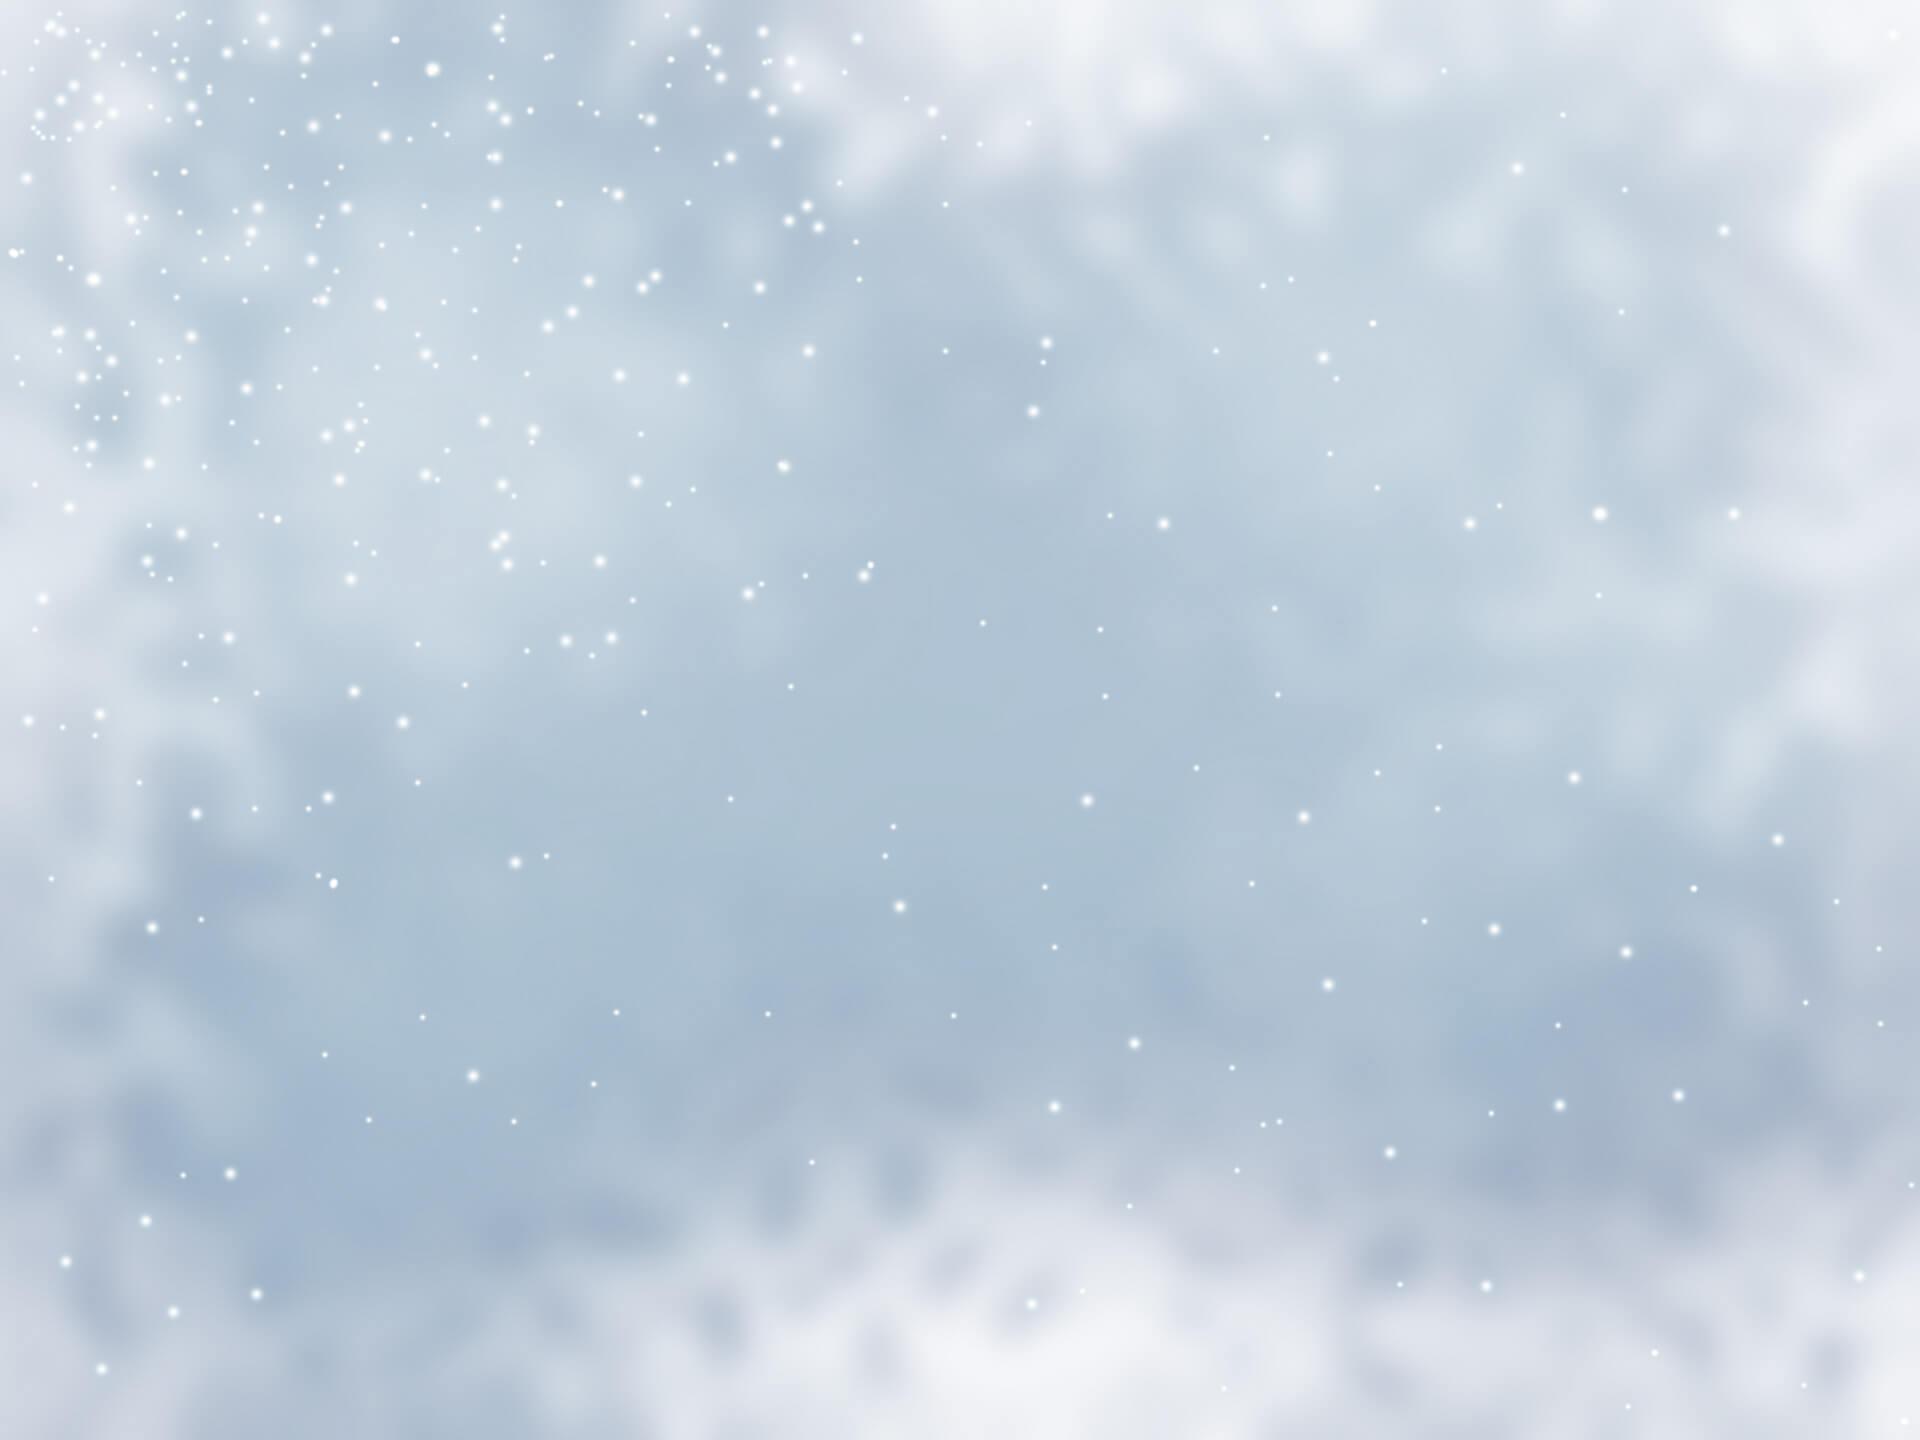 keine zeit zum Trauern - Sternenkind Abschiedsbox Artikel Header Alexa Tetzlaff Alexas Seelenwellnes